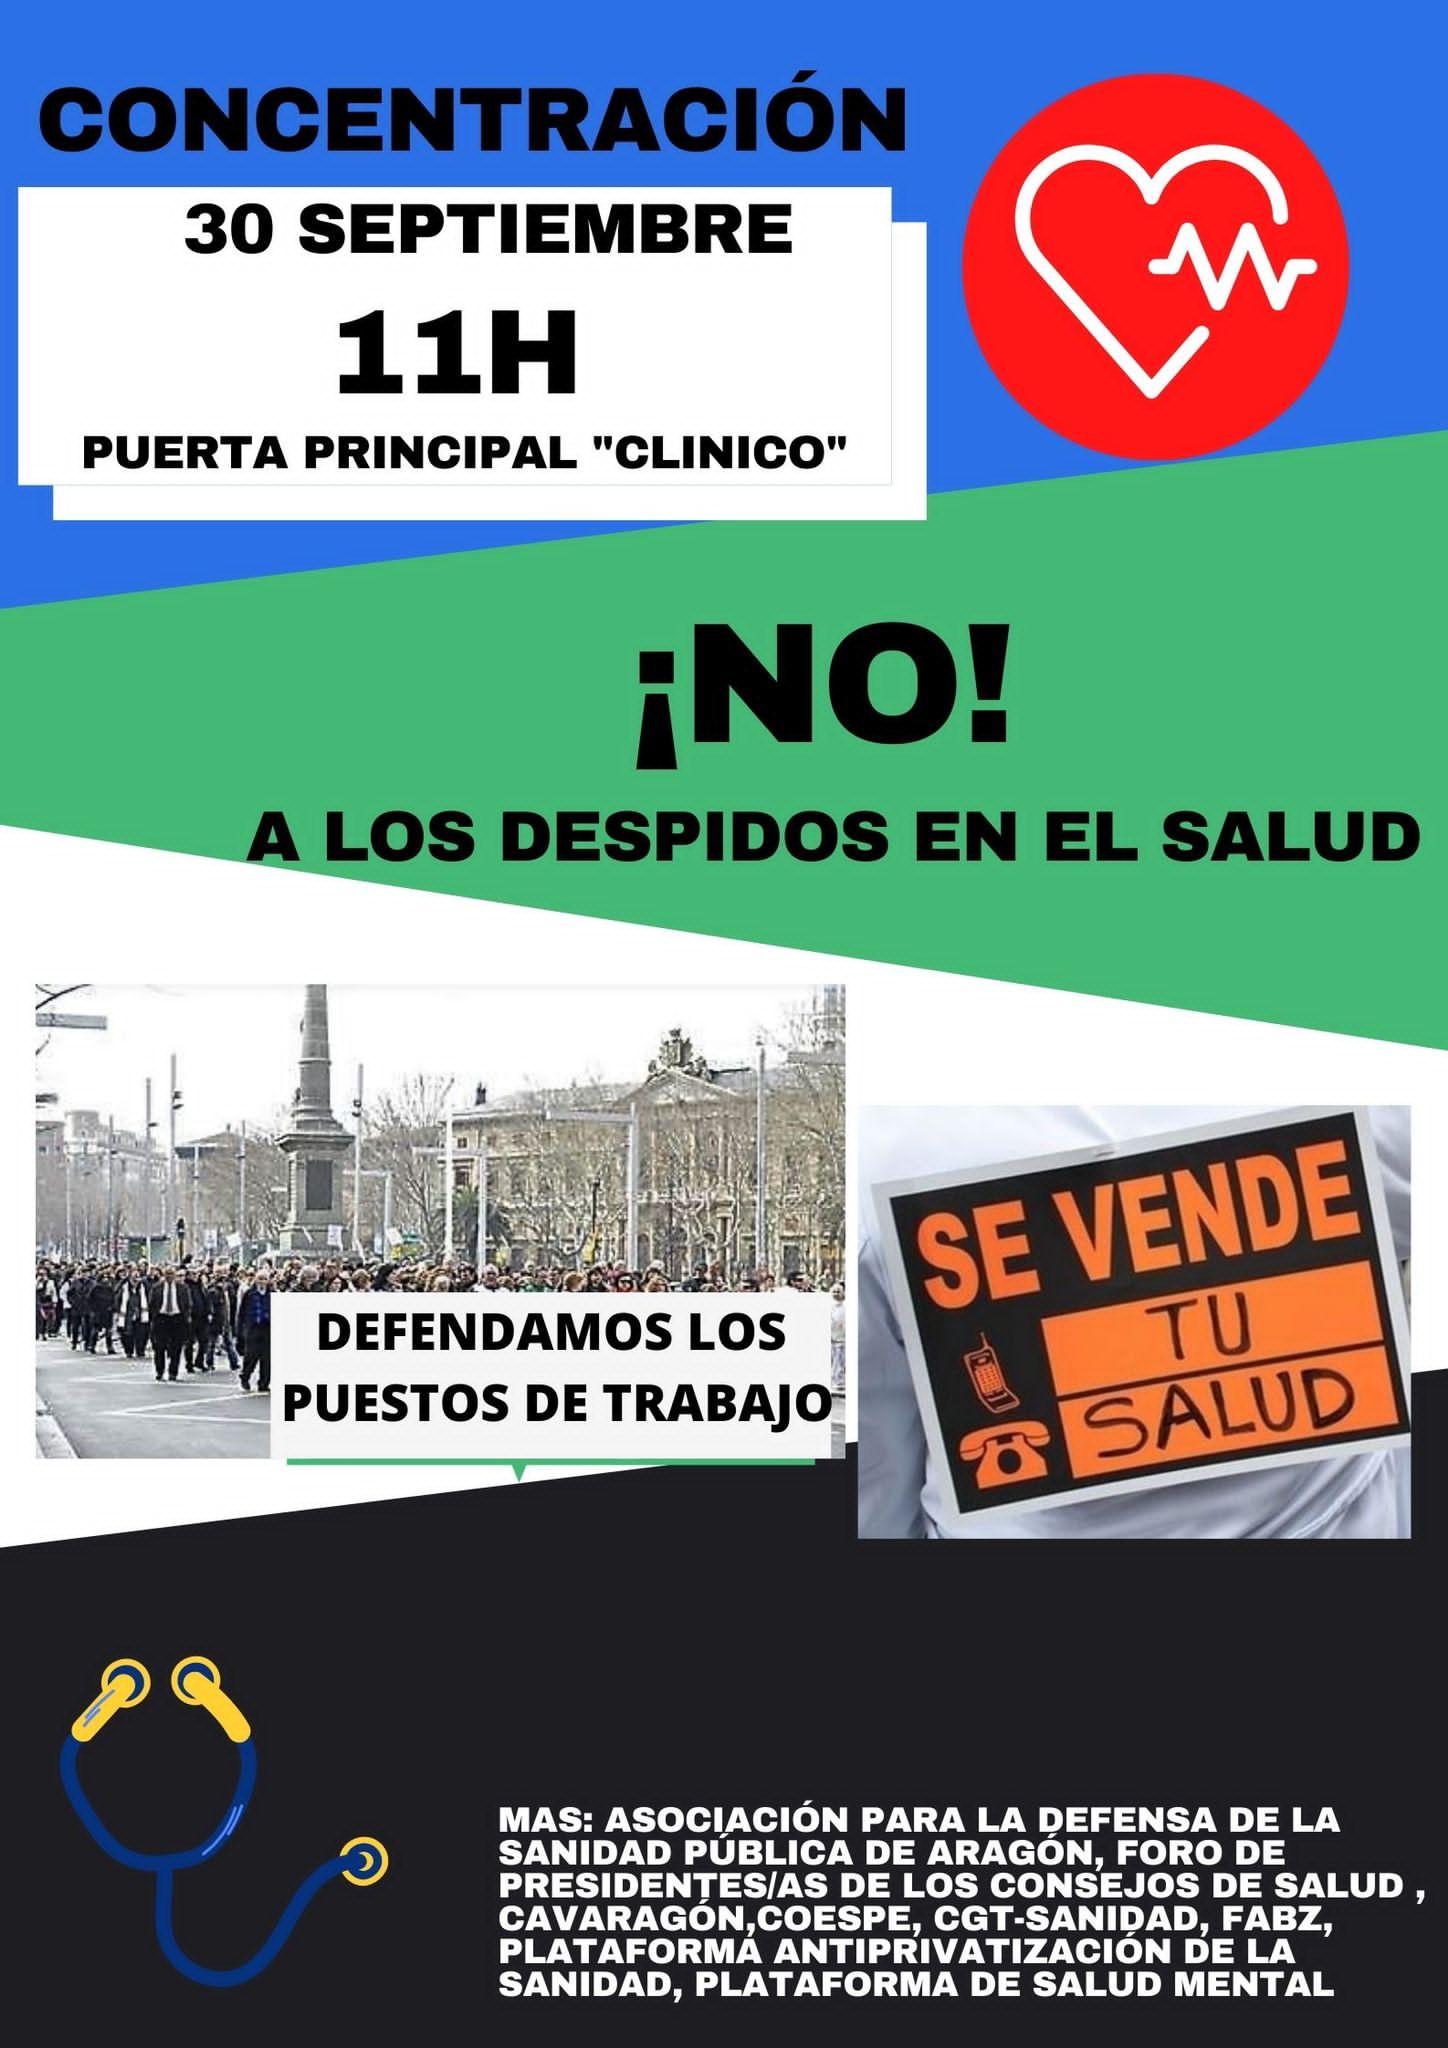 ¡¡NO A LOS DESPIDOS DEL SALUD!! Zaragoza. Concentración jueves 30/09